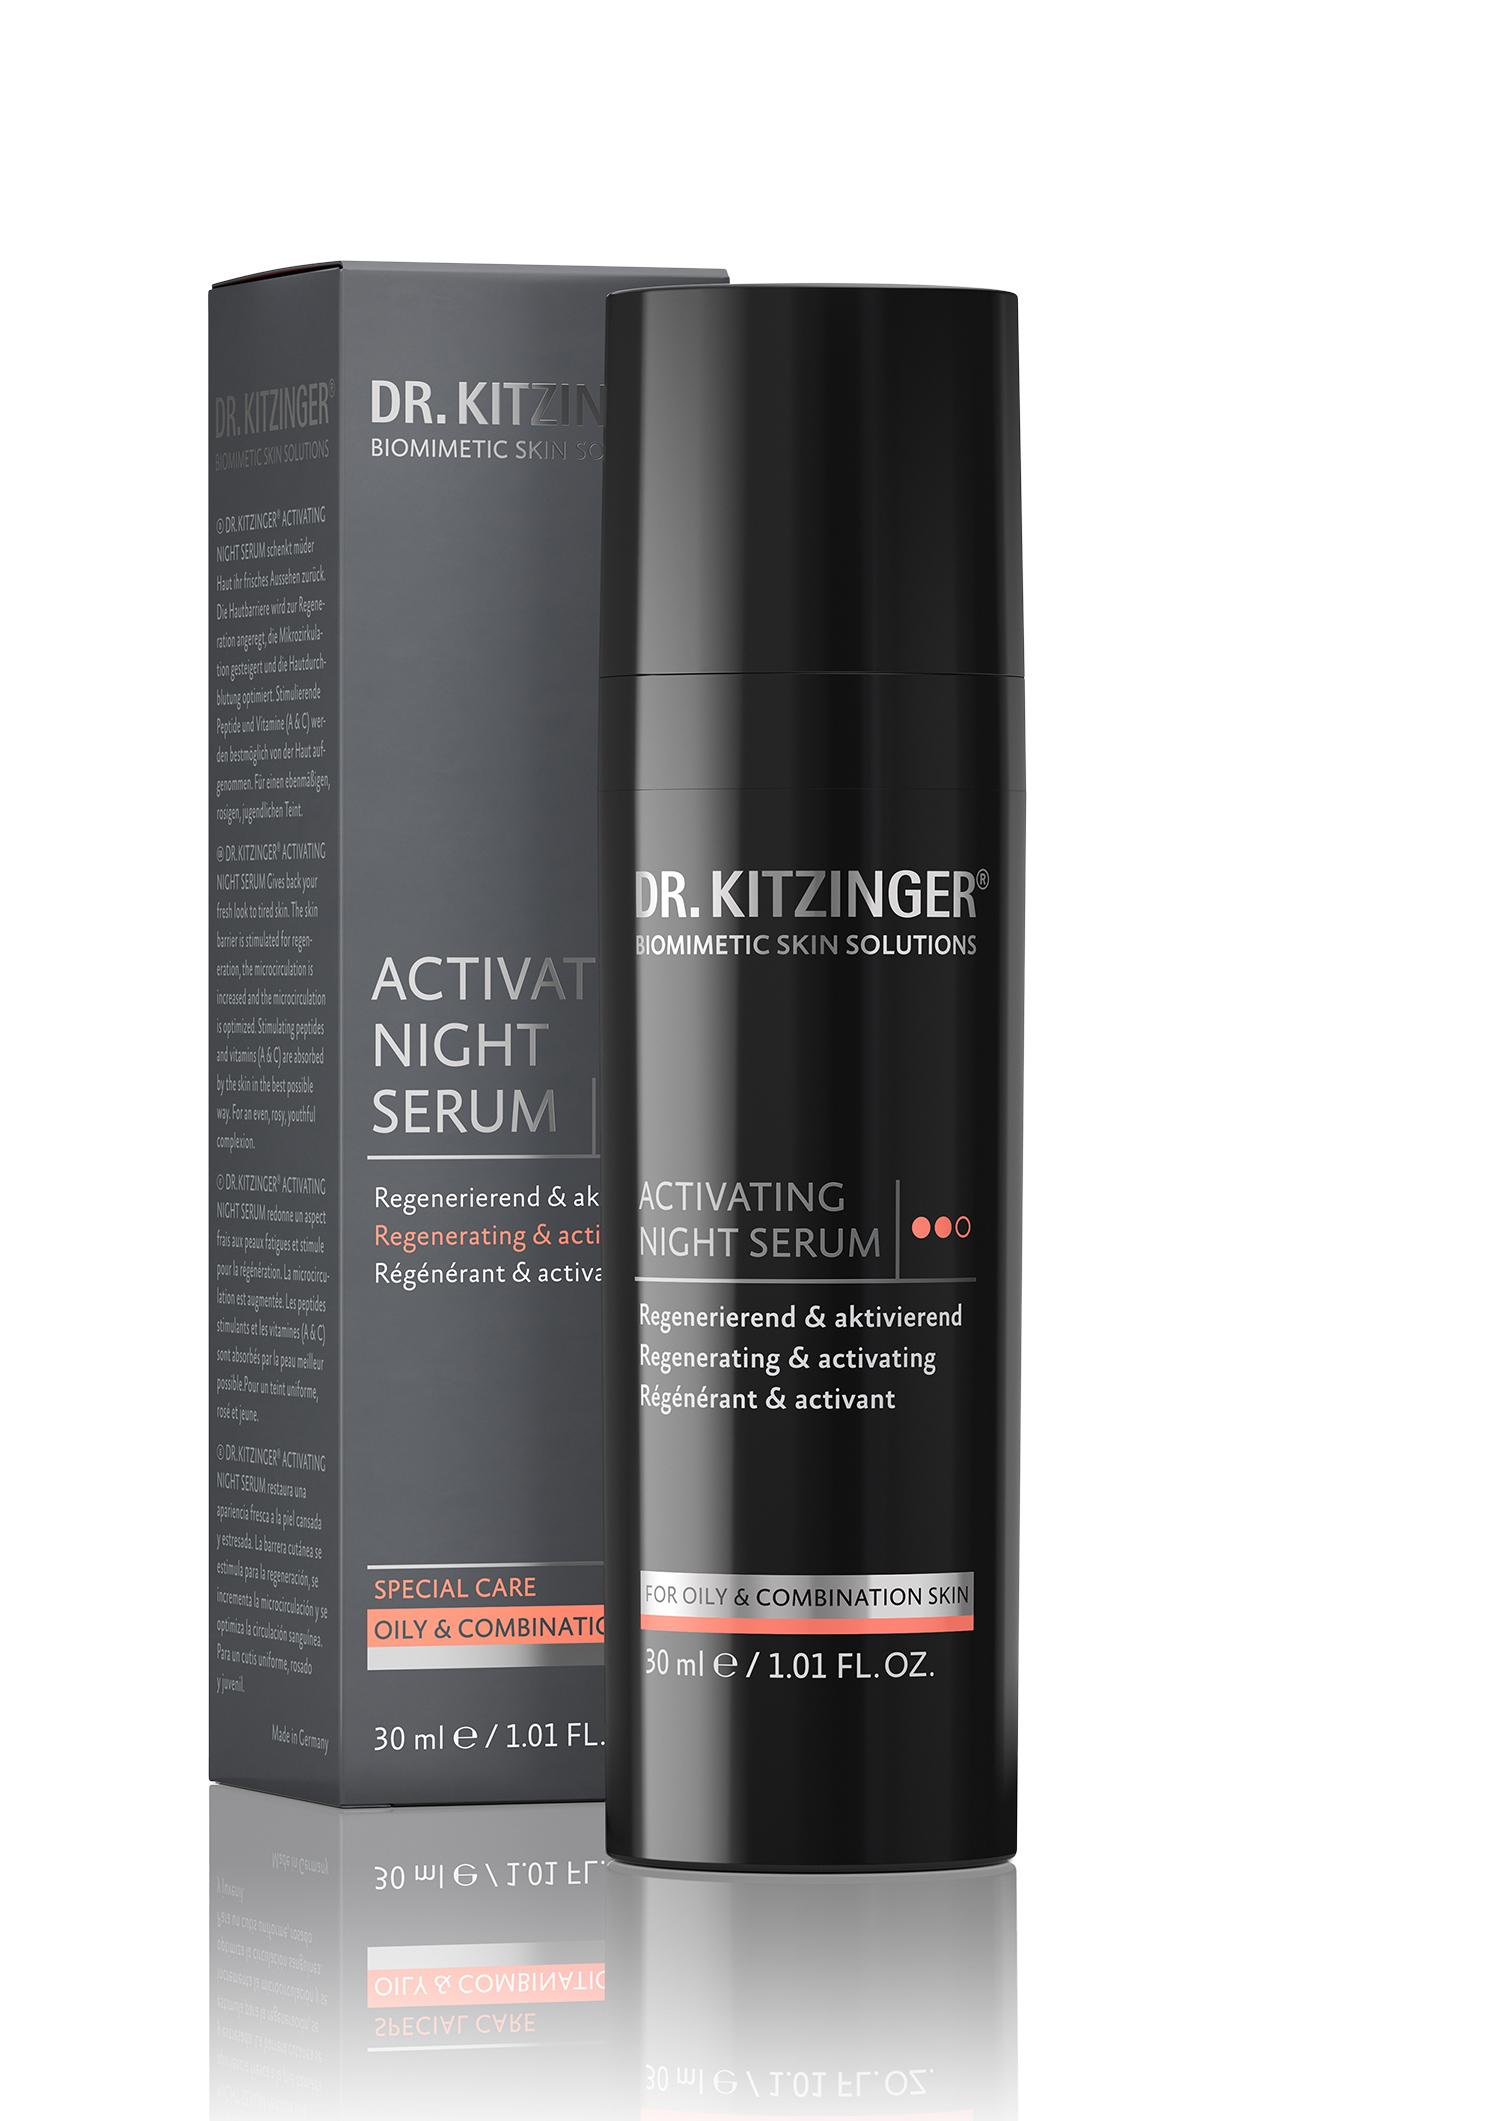 Dr. Kitzinger - Activating Night Serum - Gesichtsserum für die Nacht 30 ml